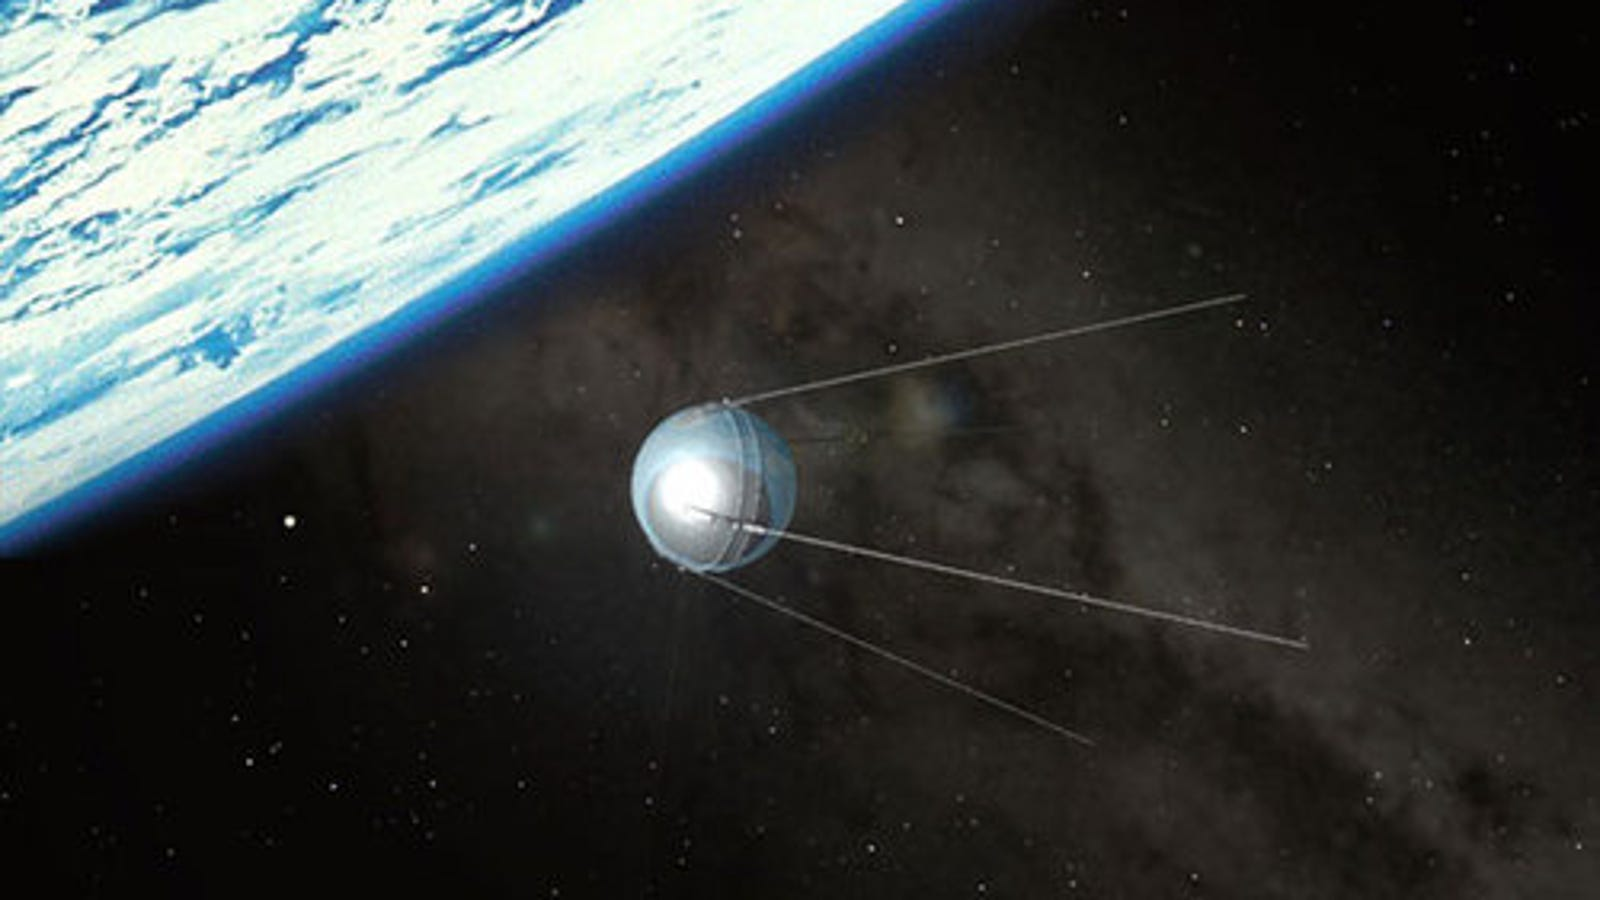 Sputnik spacecraft essay